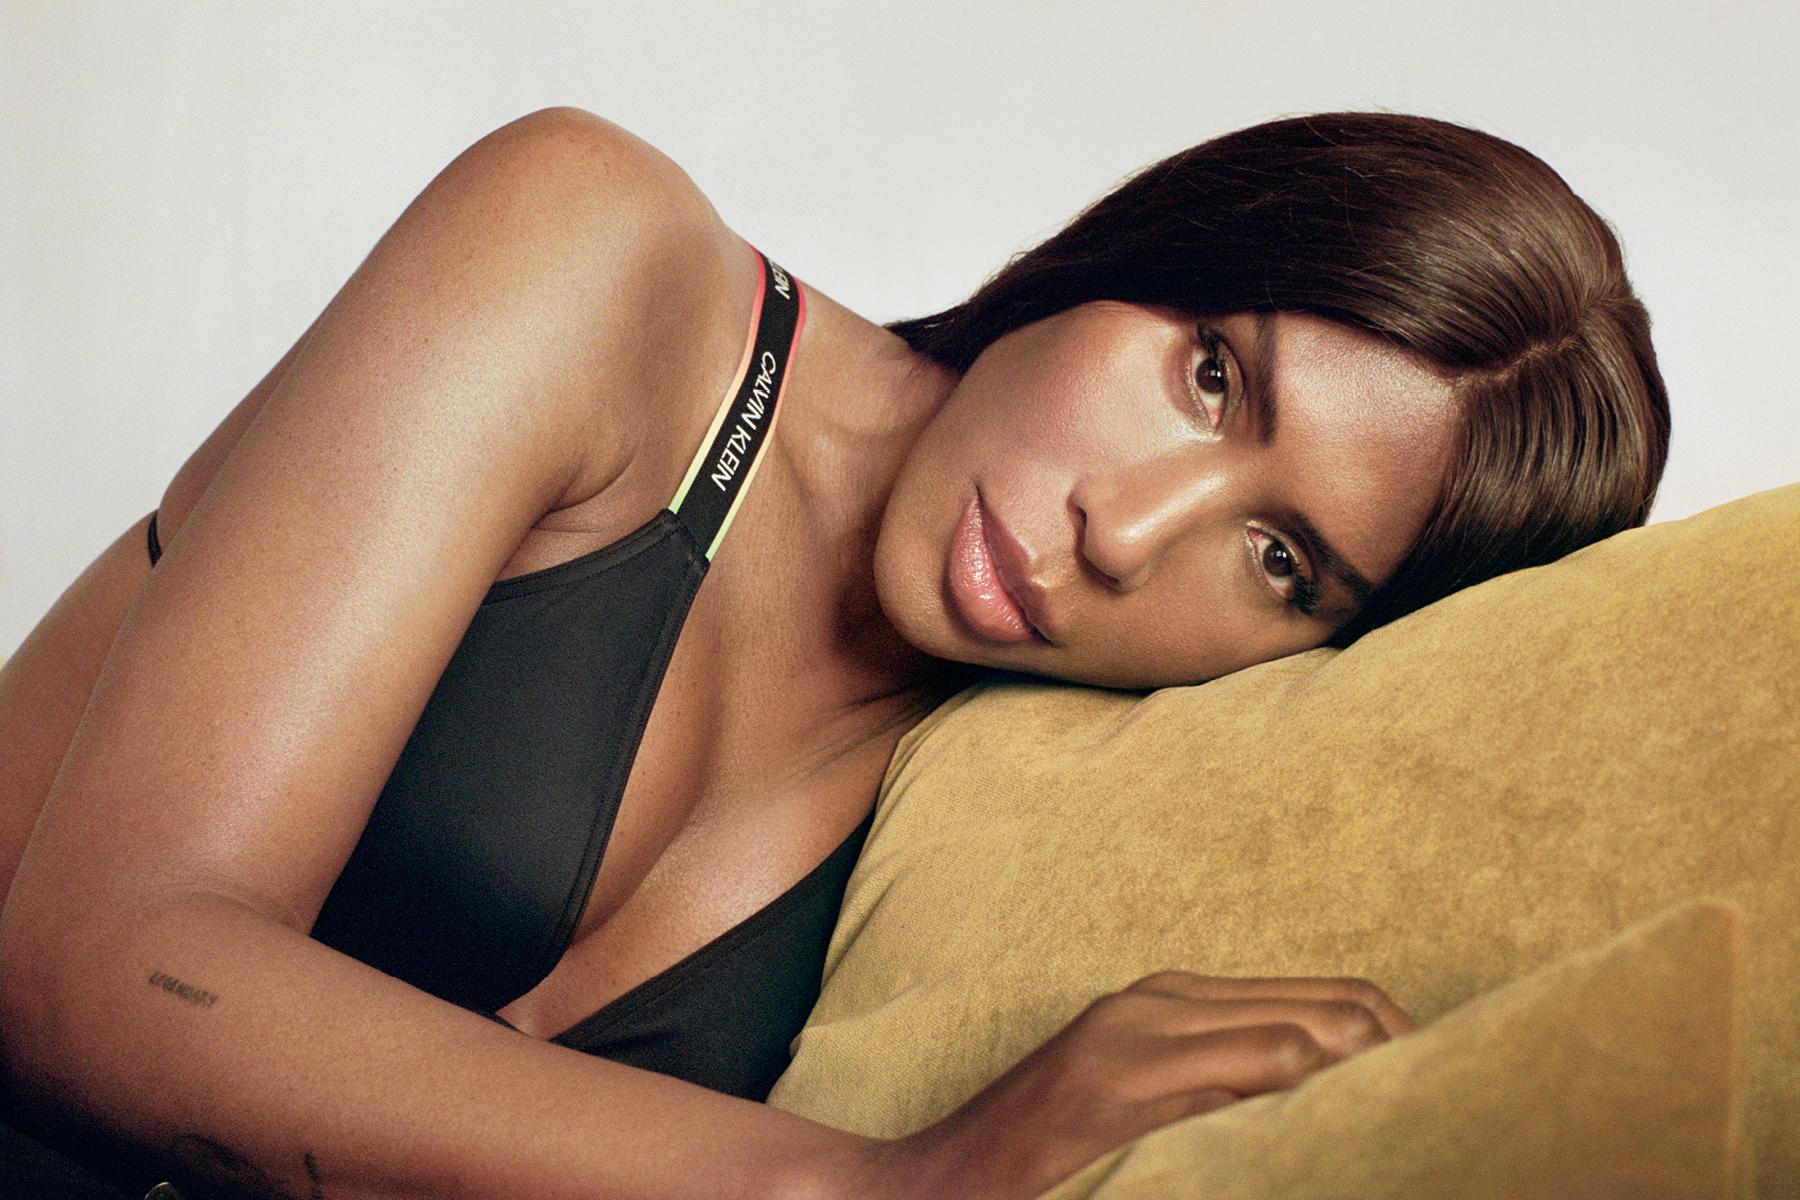 Honey Dijon in Calvin Klein's #Proudinmycalvins campaign.